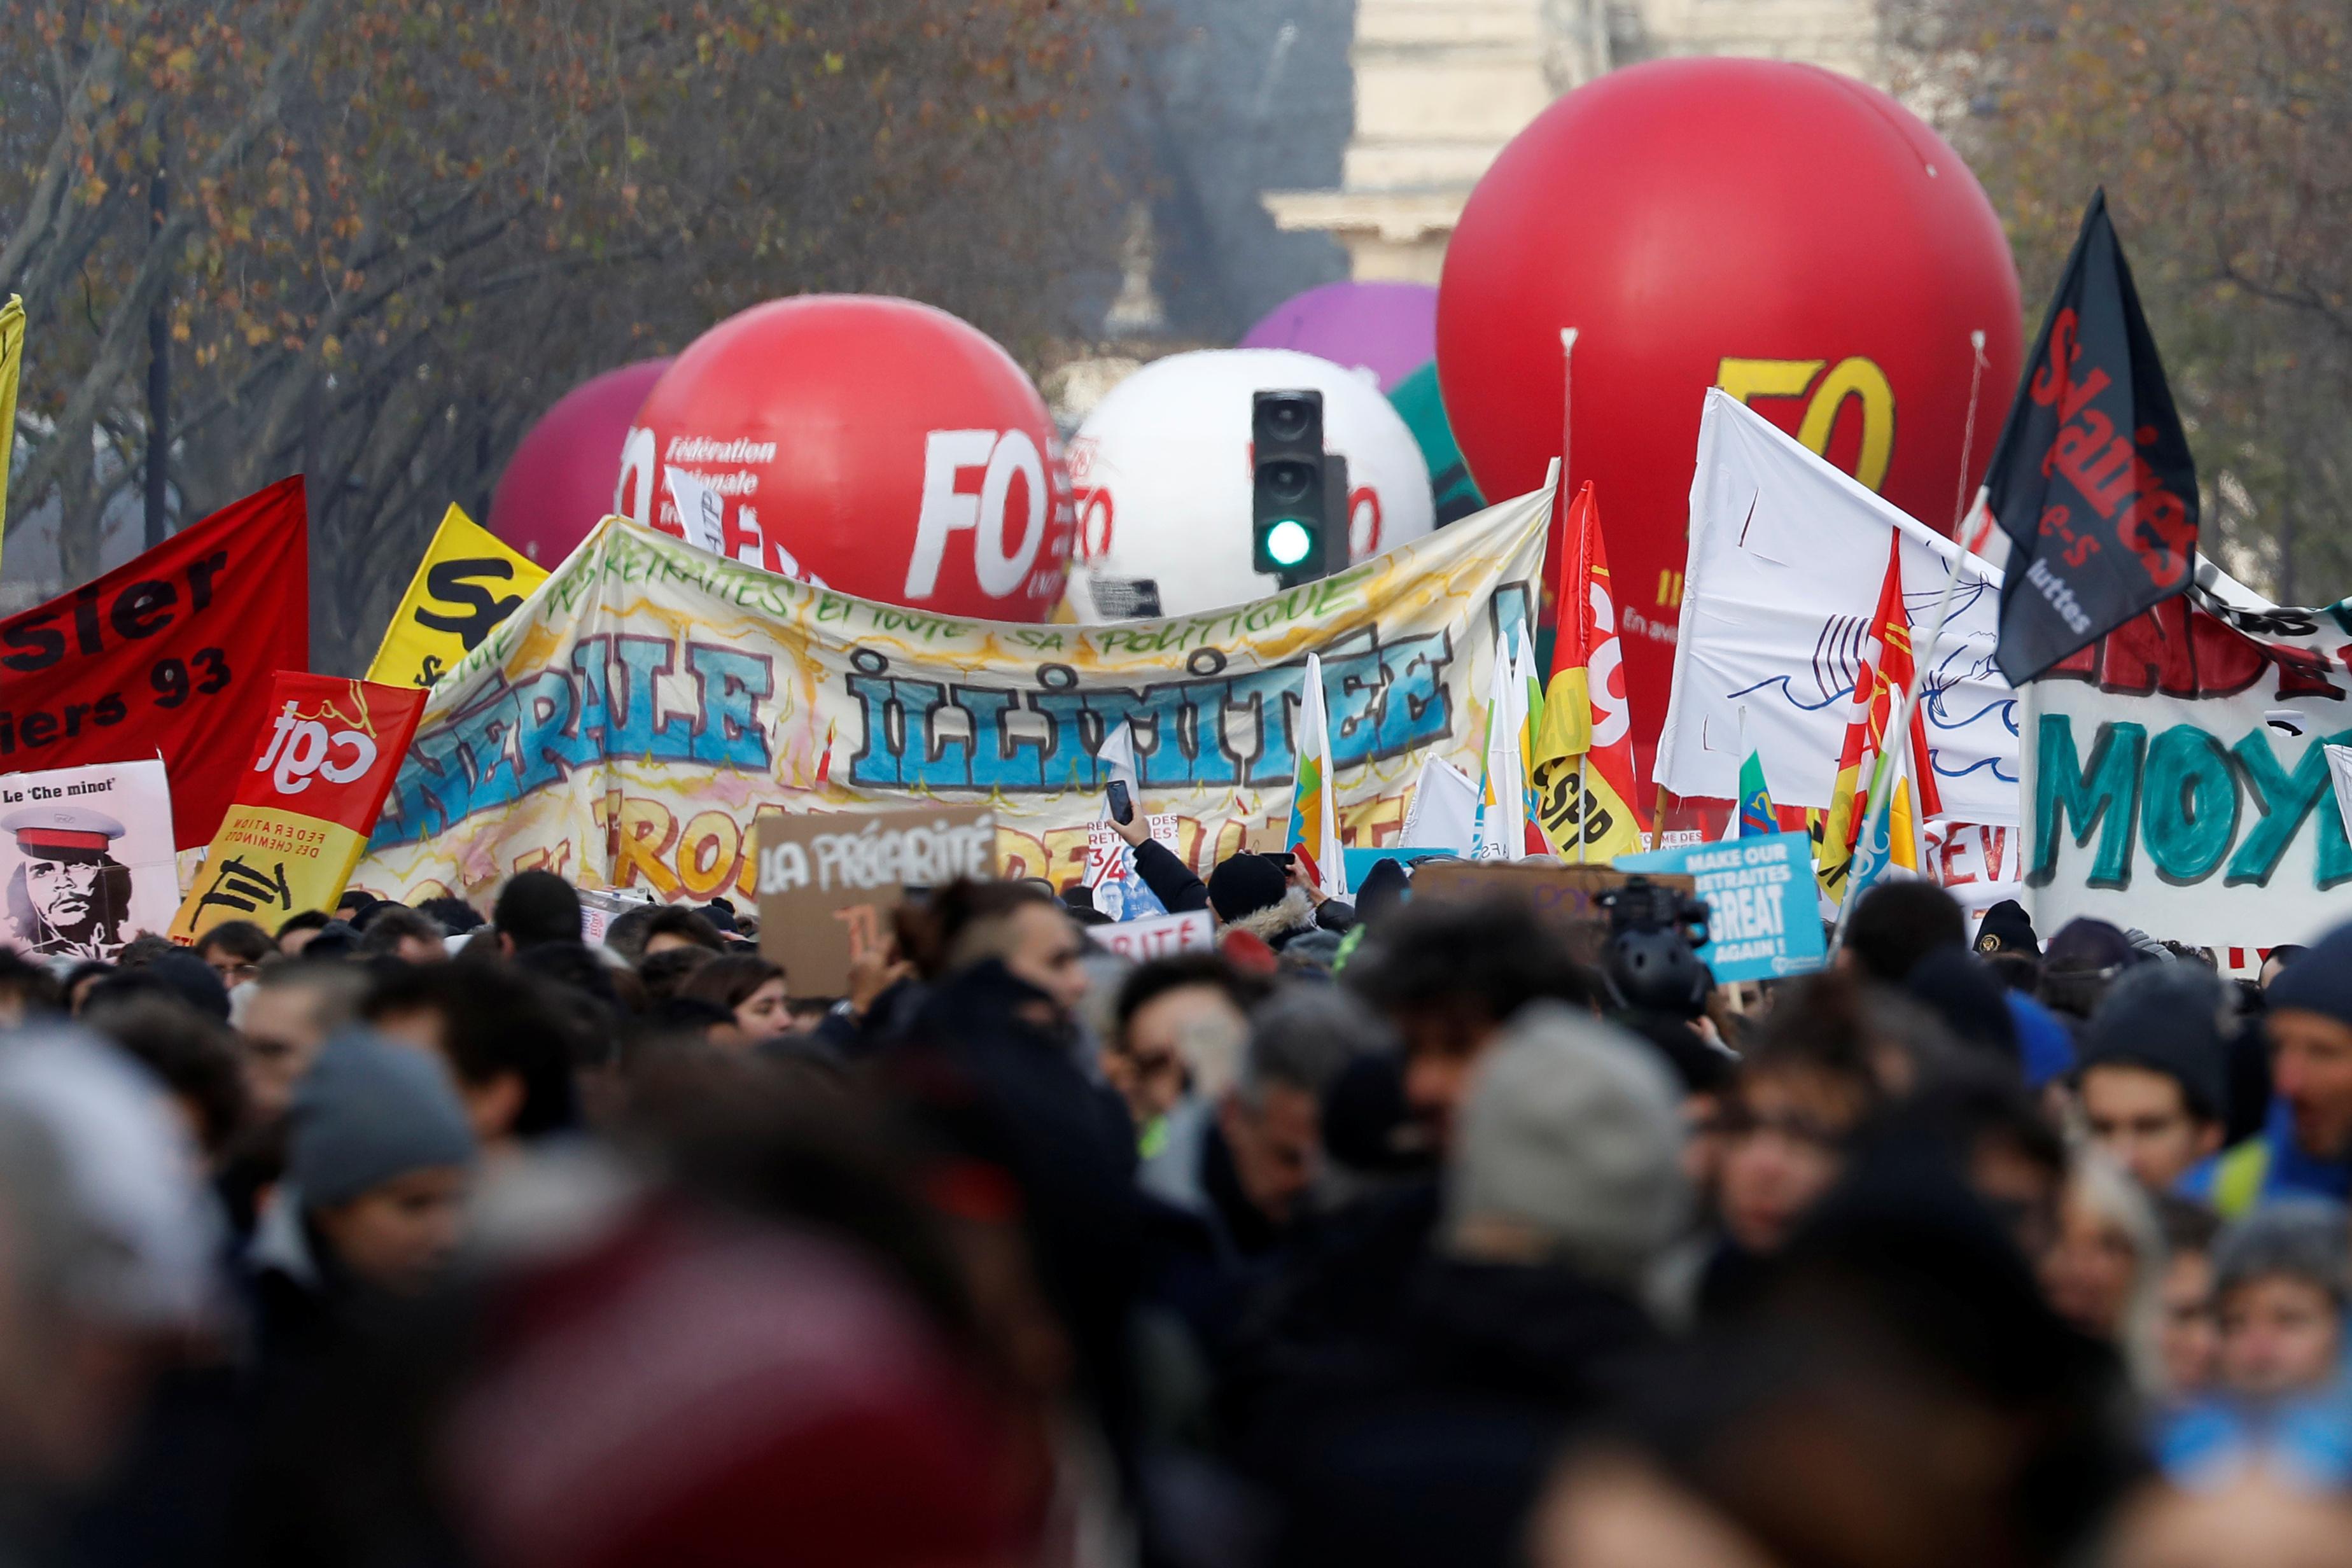 L'impact des syndicats dans la contestation sociale